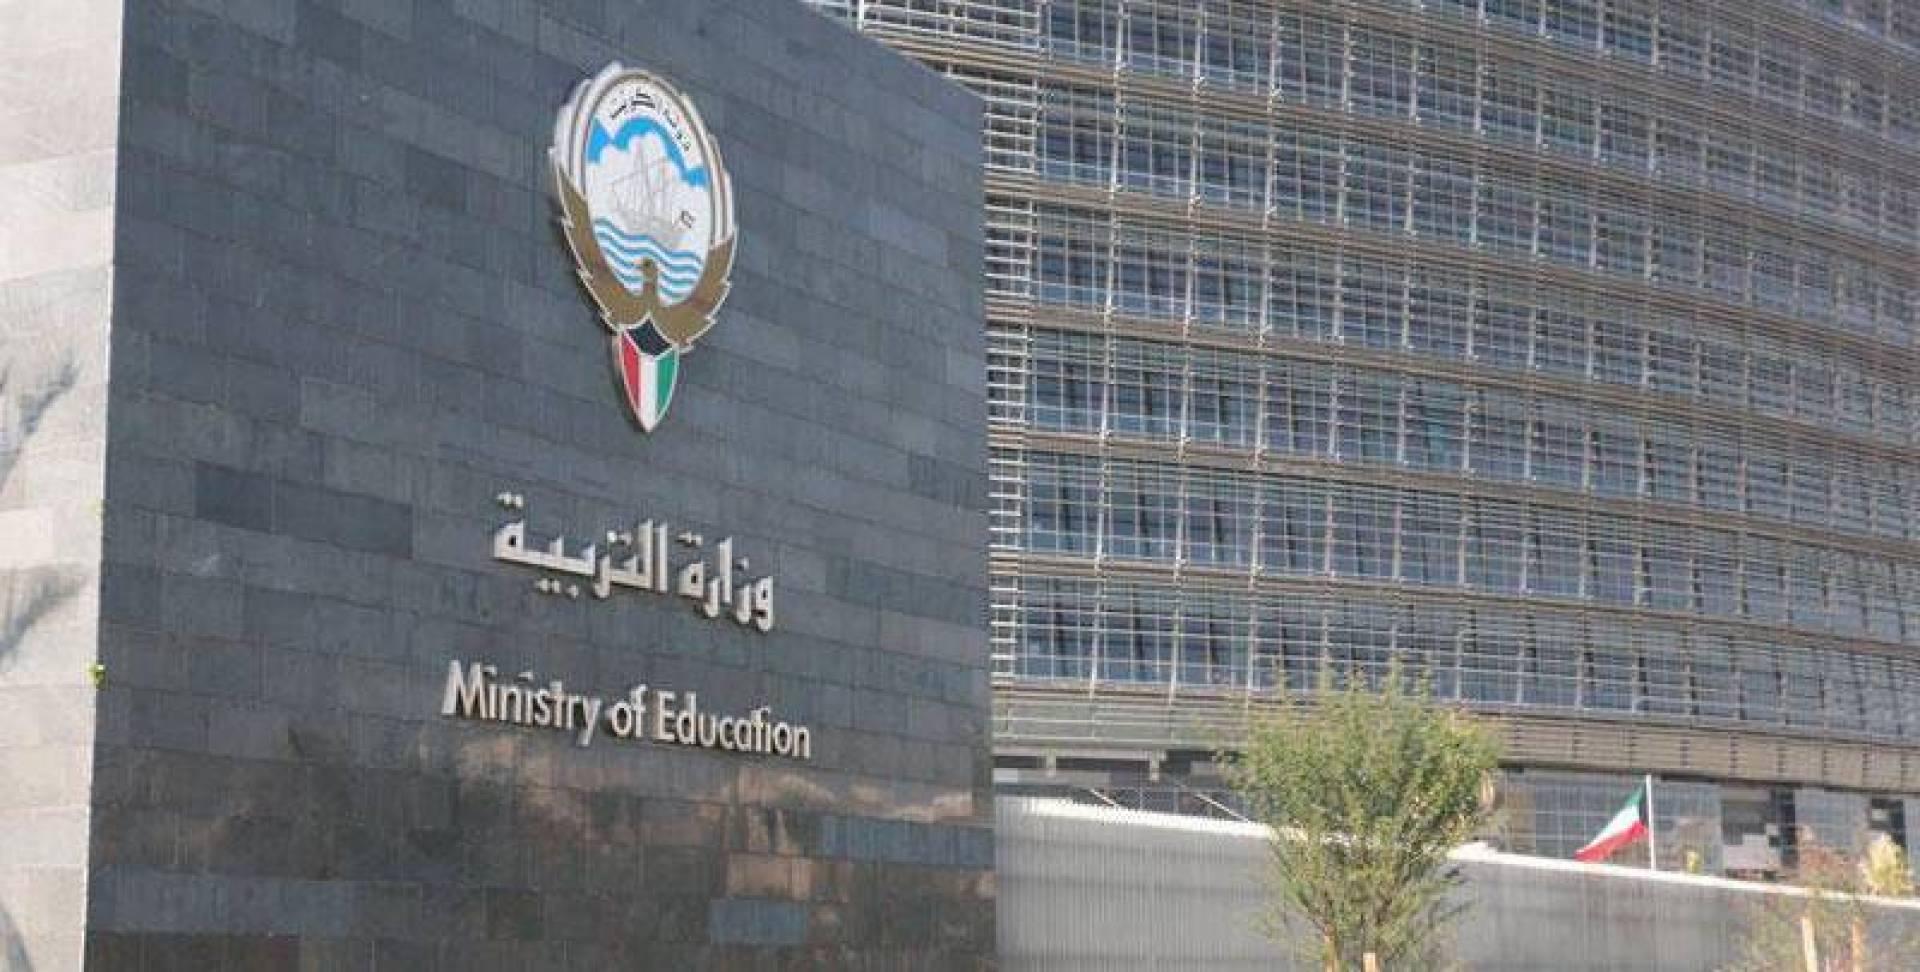 «التربية» تطالب بضم 379 كويتياً إلى كادر الوظائف المساندة